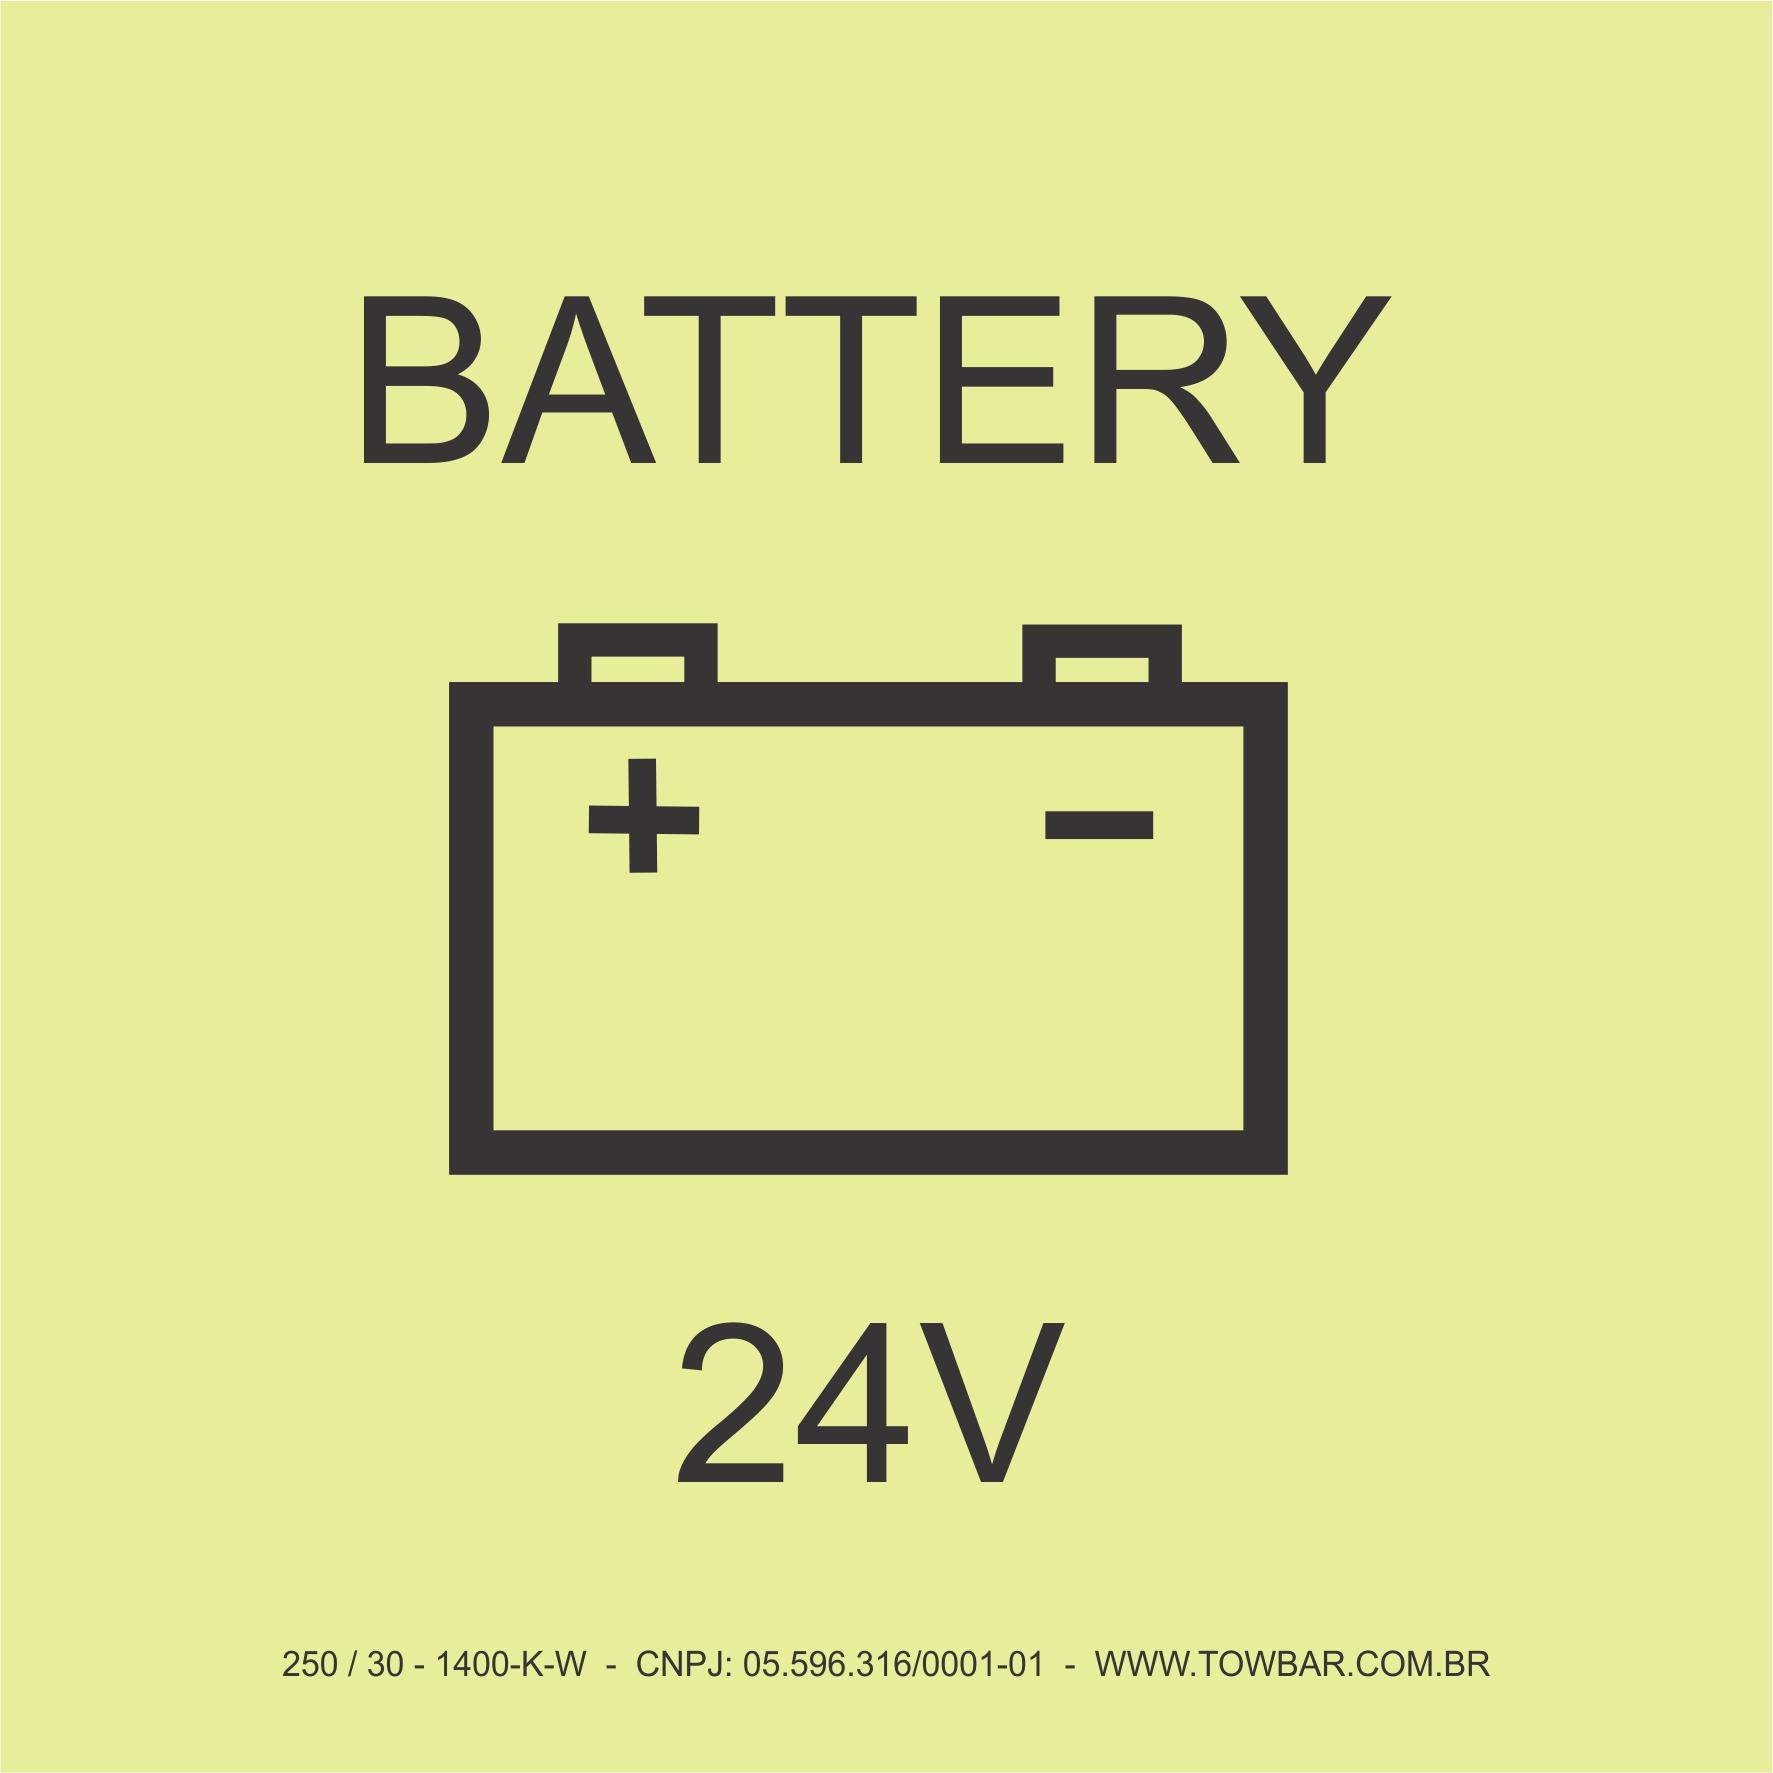 Battery 24V  - Towbar Sinalização de Segurança